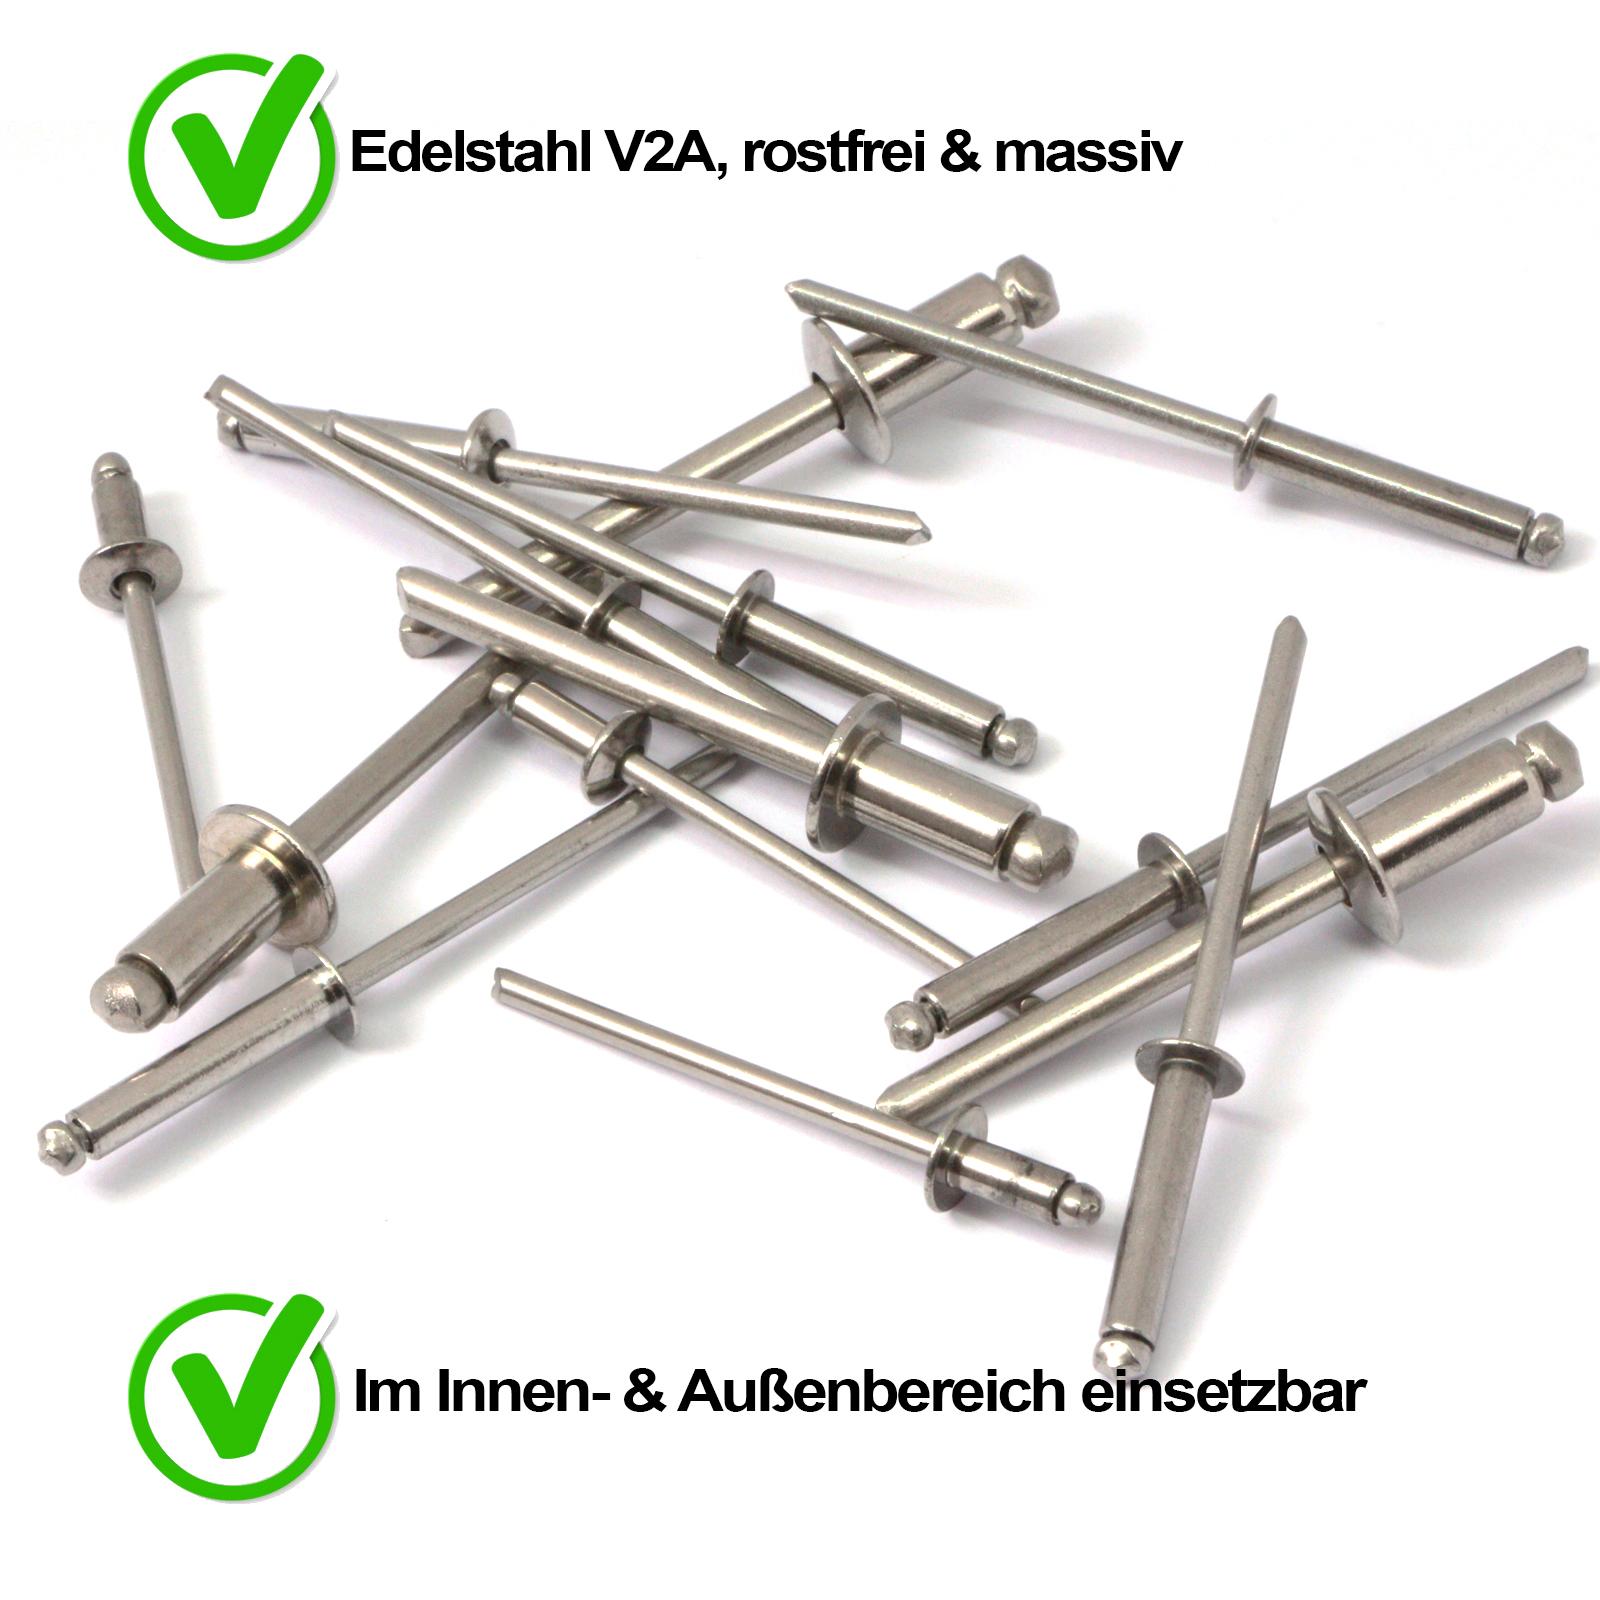 Edelstahl A2 V2A rostfrei Eisenwaren2000 Niet - mit Flachkopf Popnieten DIN 7337 ISO 15983 6,4 x 35 mm Blindniet 100 St/ück